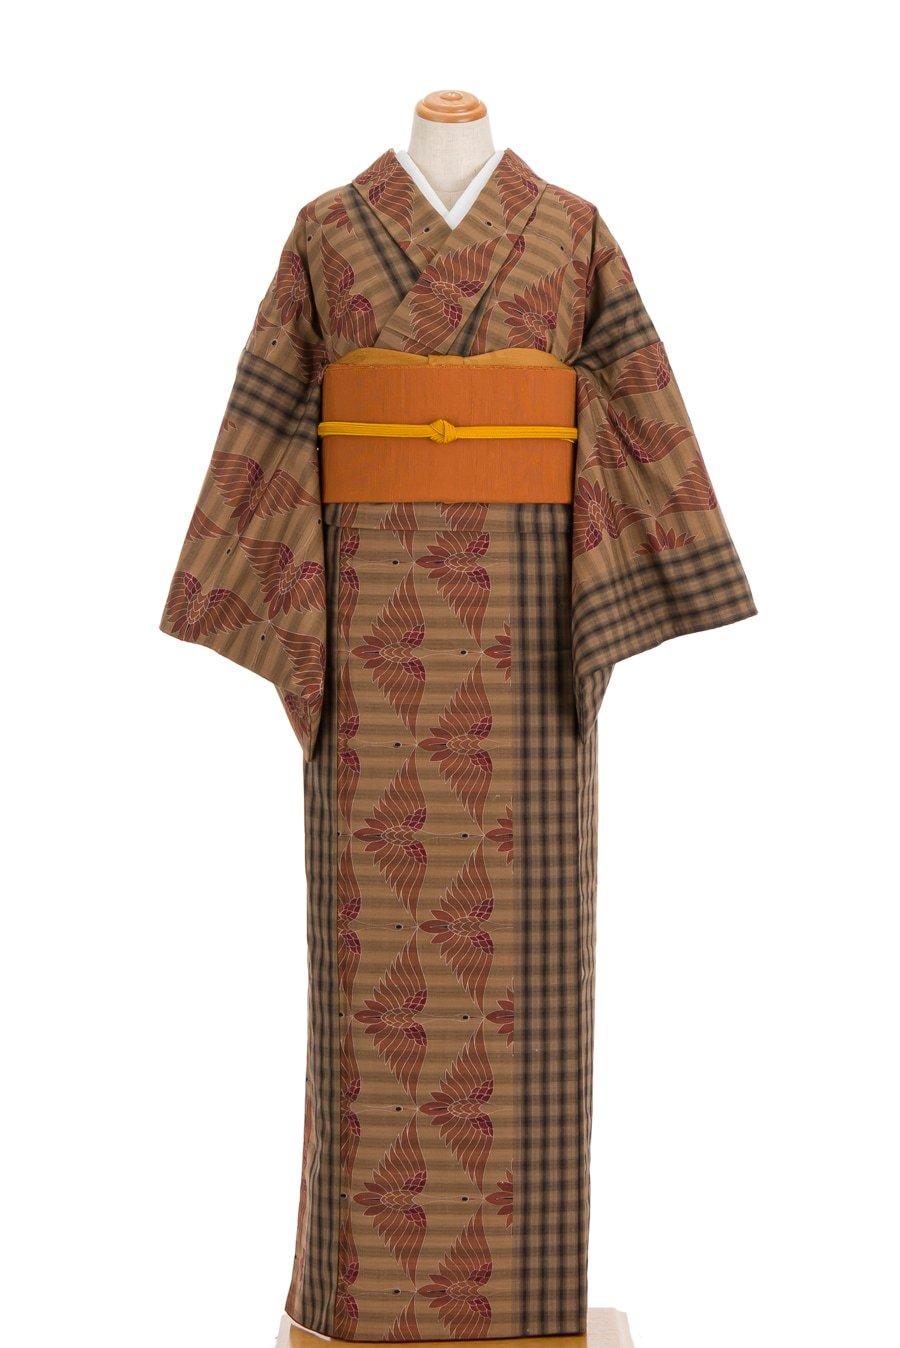 「胴抜きウール●格子と鶴」の商品画像